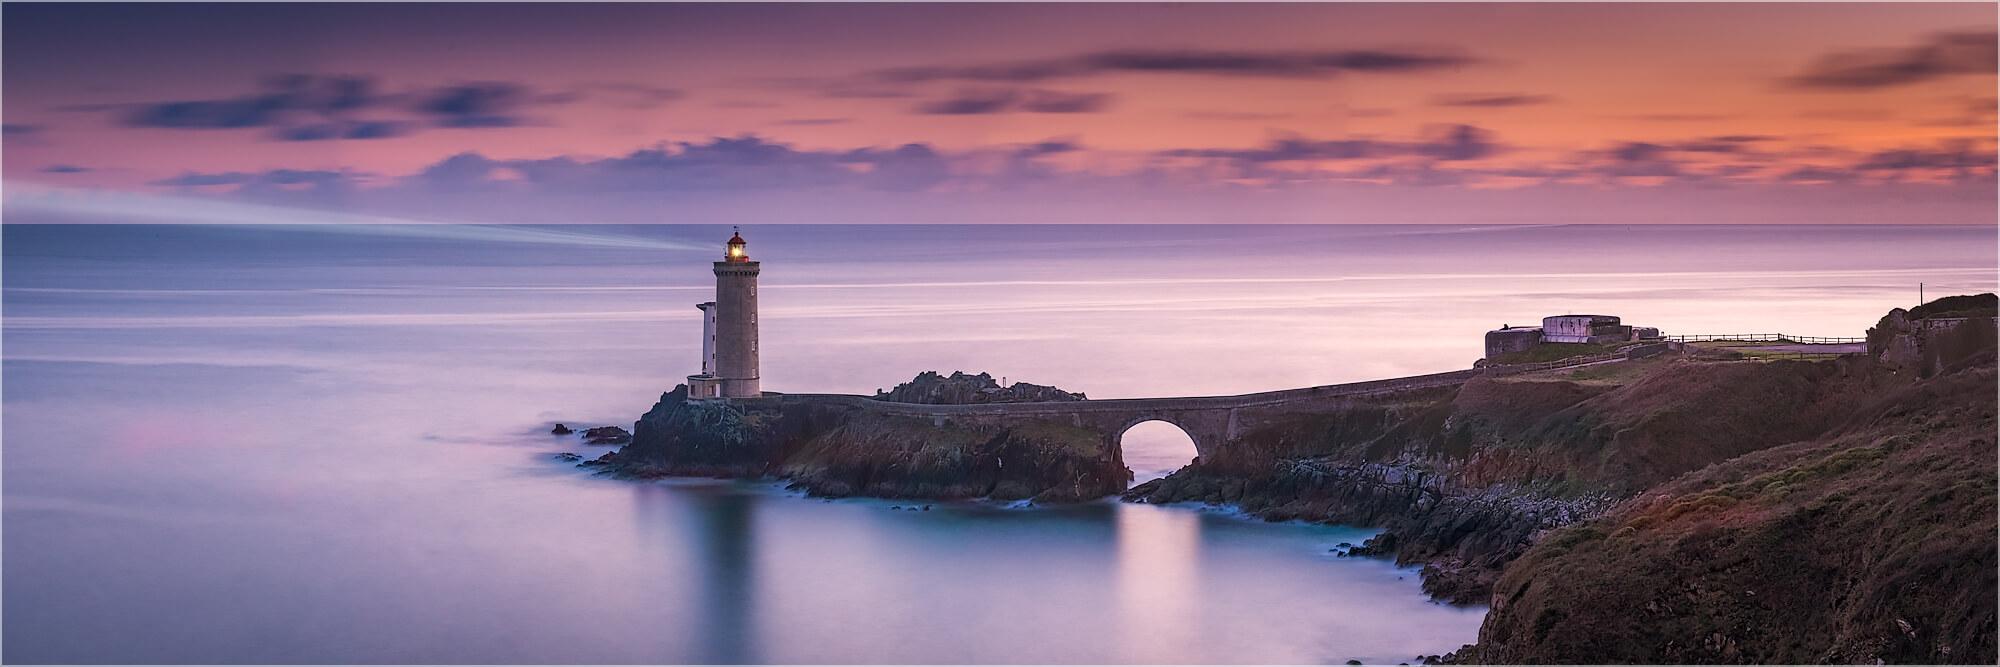 Panoramafoto Leuchtturm Phare Petit Minou Bretagne